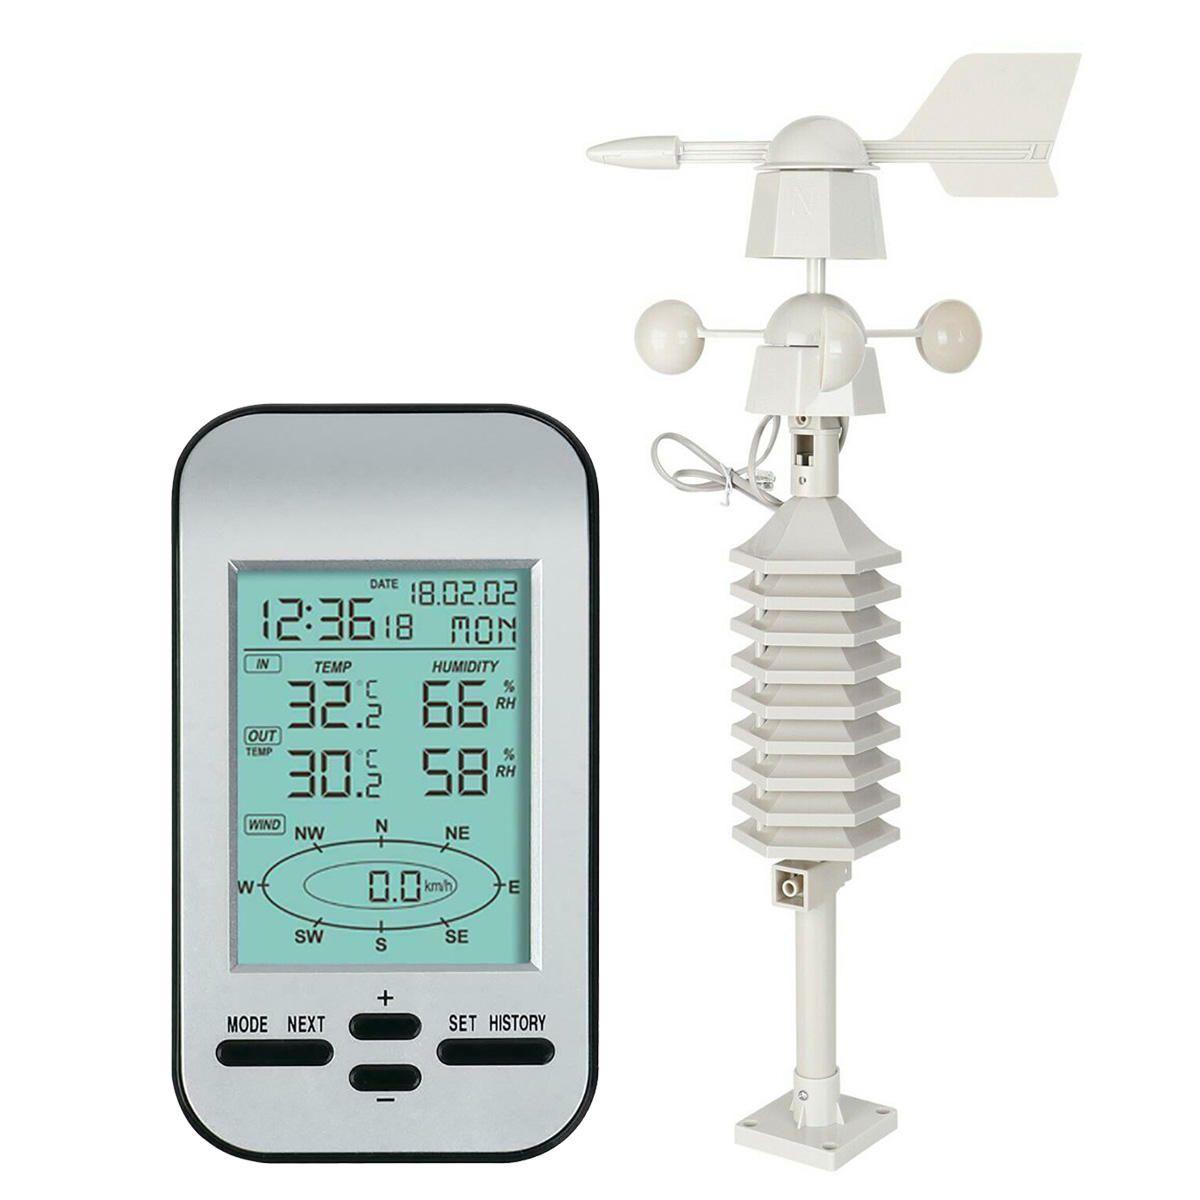 Us 63 38 29 Off Besprovodnaya Meteostanciya Rf 433 Mgc Chasy So Skorostyu I Napravleniem Vetra Datchik Instrument Weather Station Wind Speed And Direction Sensor